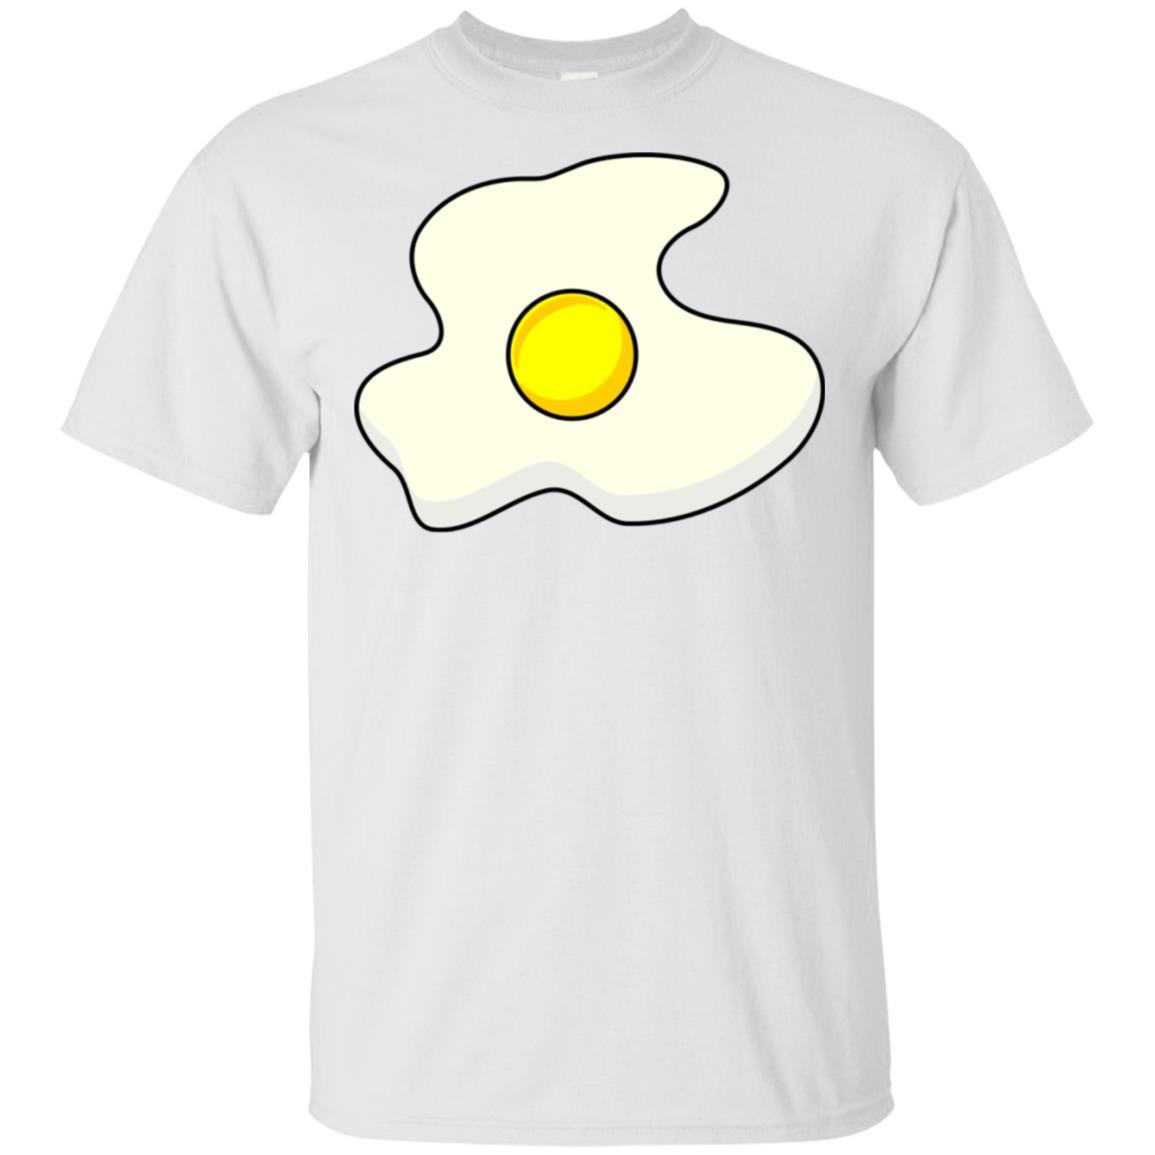 Fried Egg Sunny Side Up Breakfast Unisex Short Sleeve